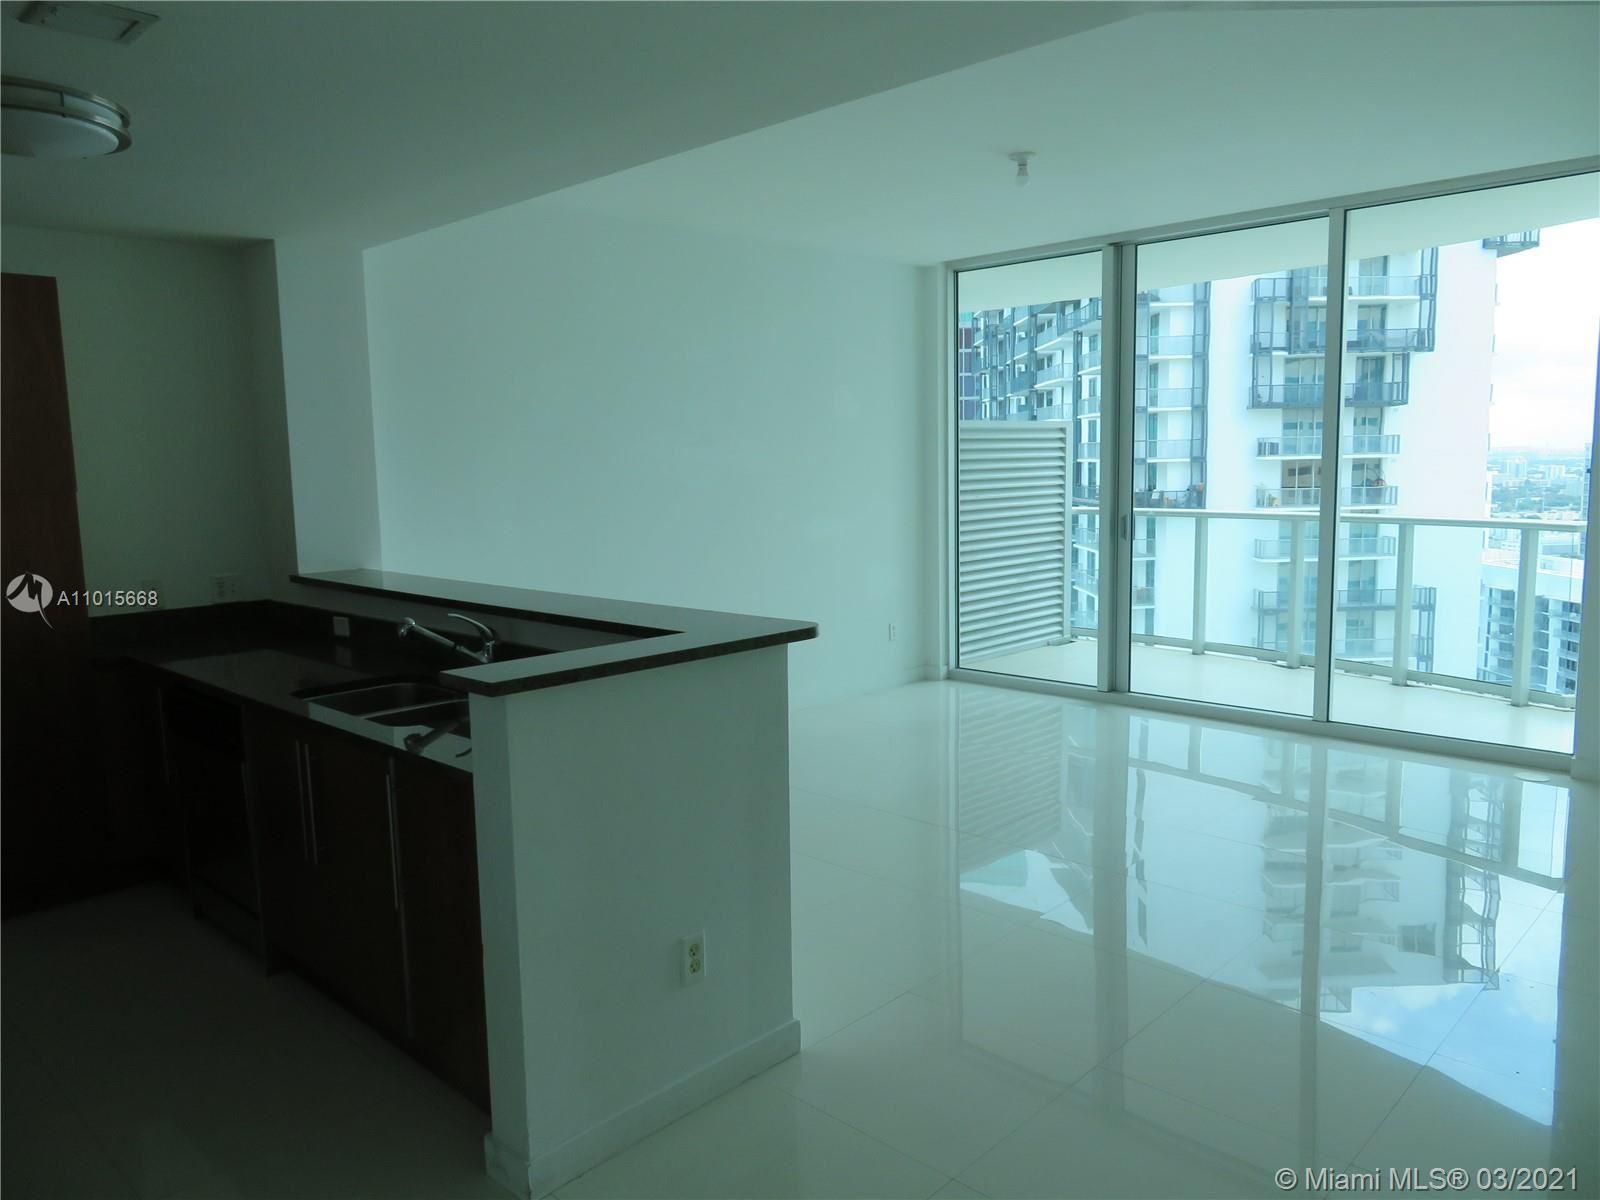 300 S Biscayne Blvd #T-3507, Miami, FL 33131 - #: A11015668